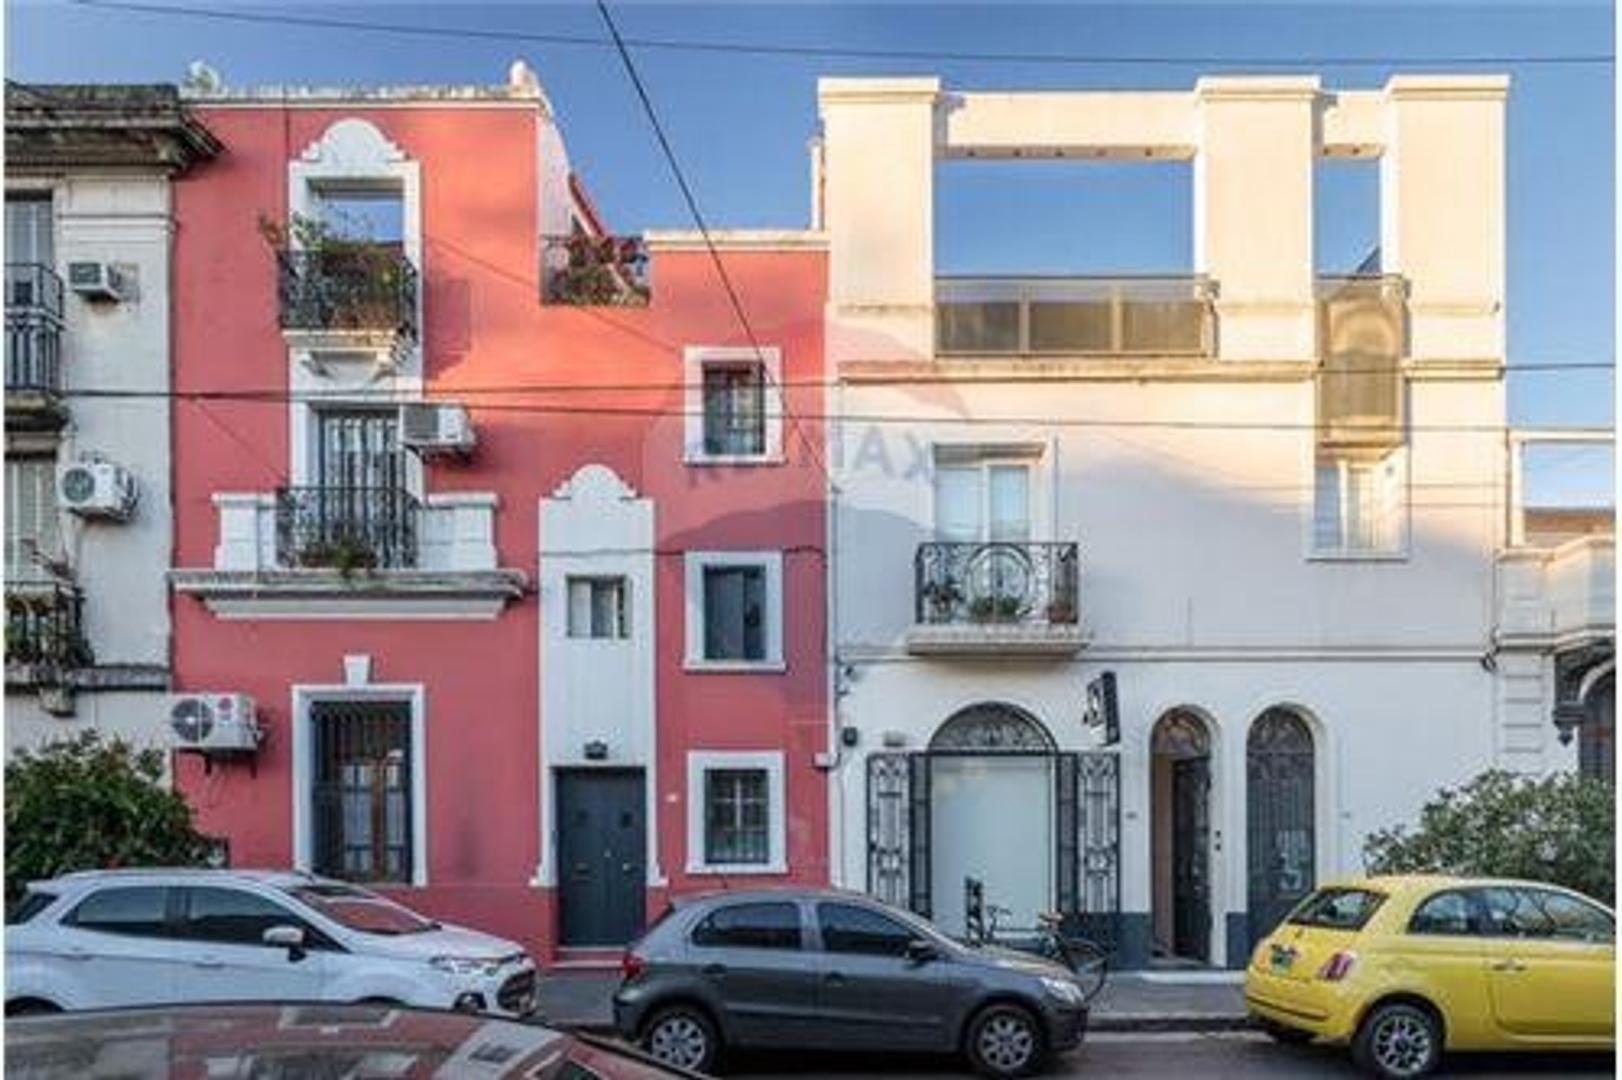 Casa en Venta en Palermo Soho - 5 ambientes